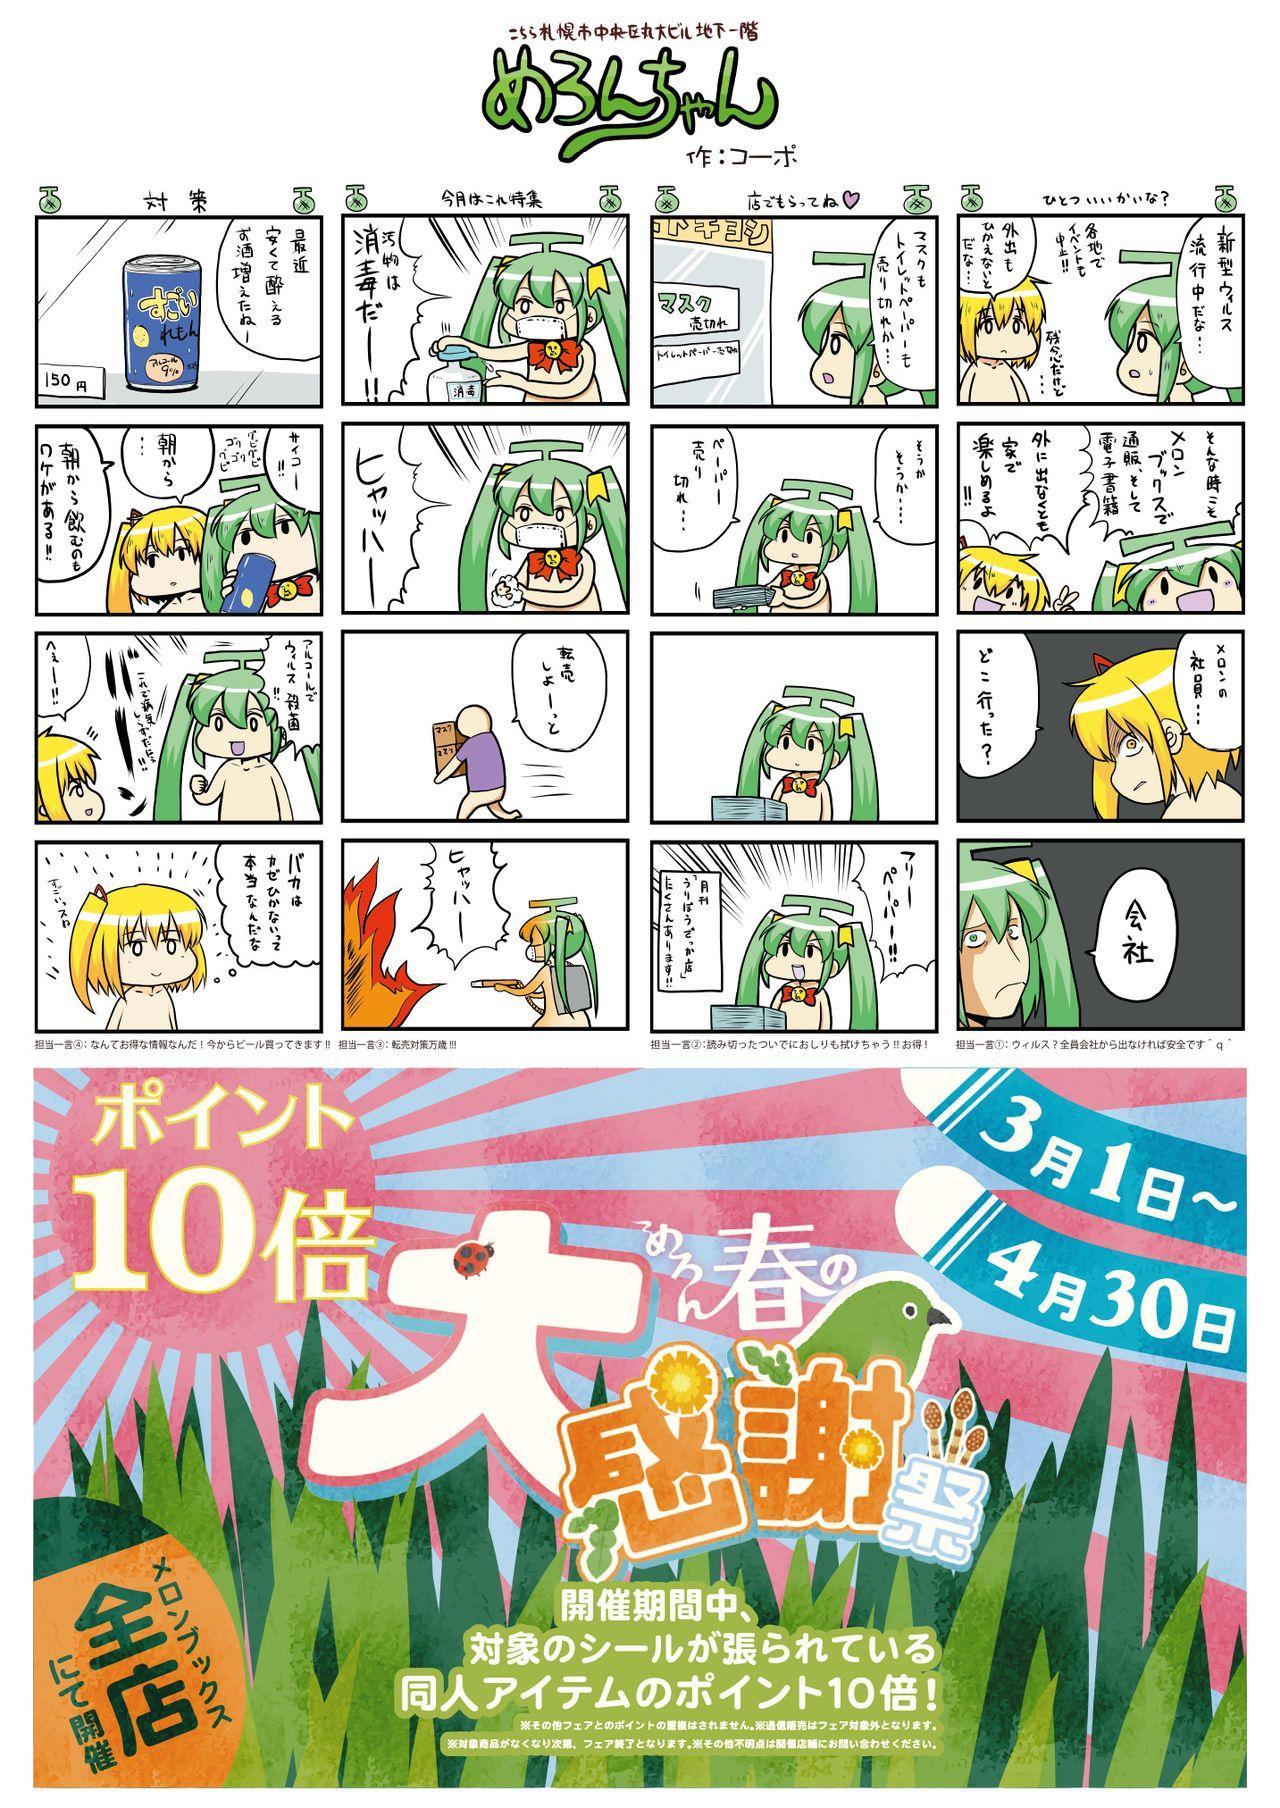 うりぼうざっか店 2020年4月3日発行号 48